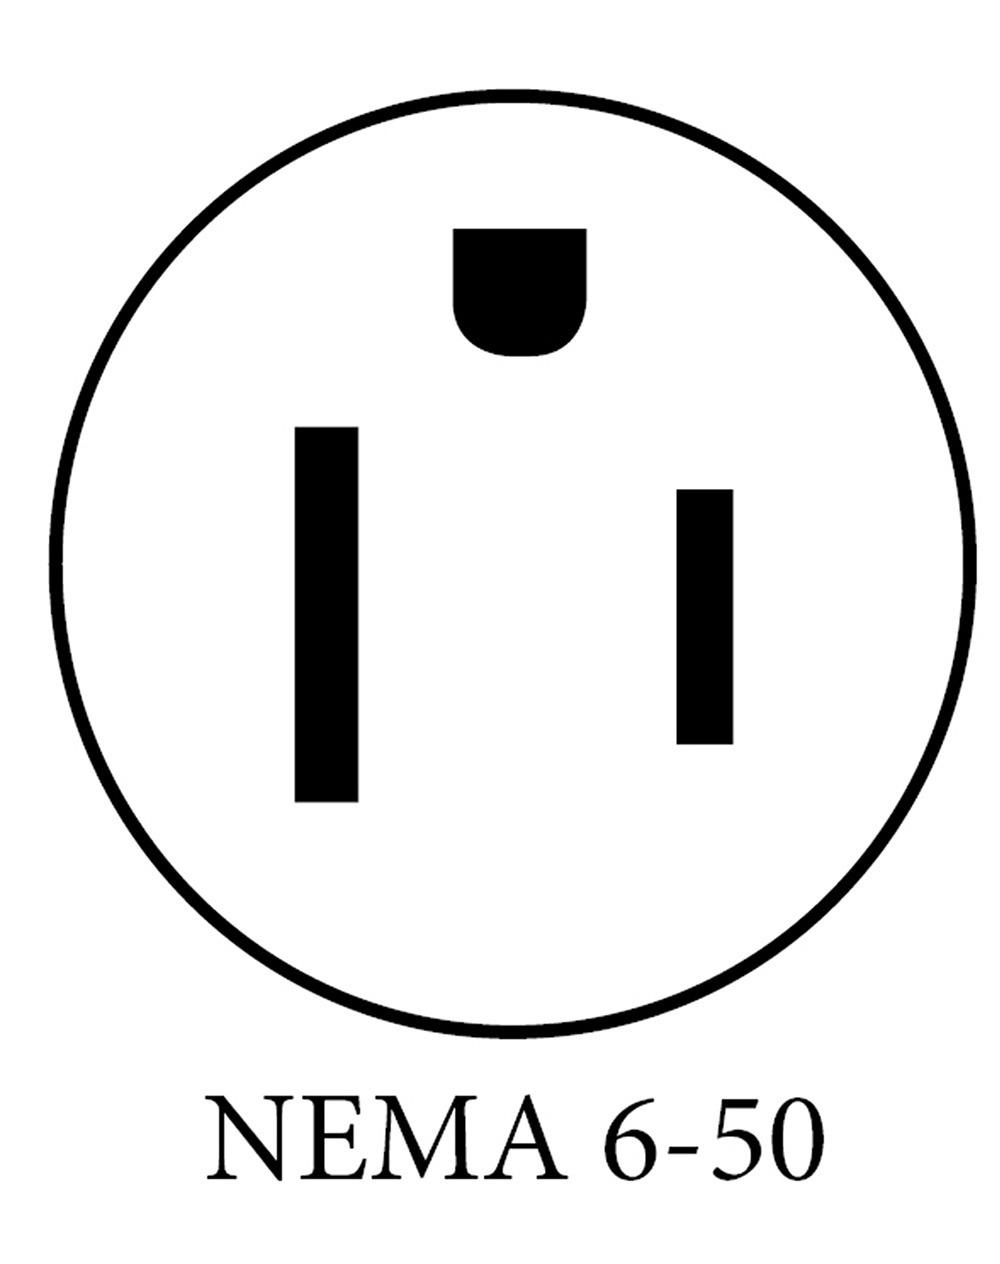 nema 6 50 wiring